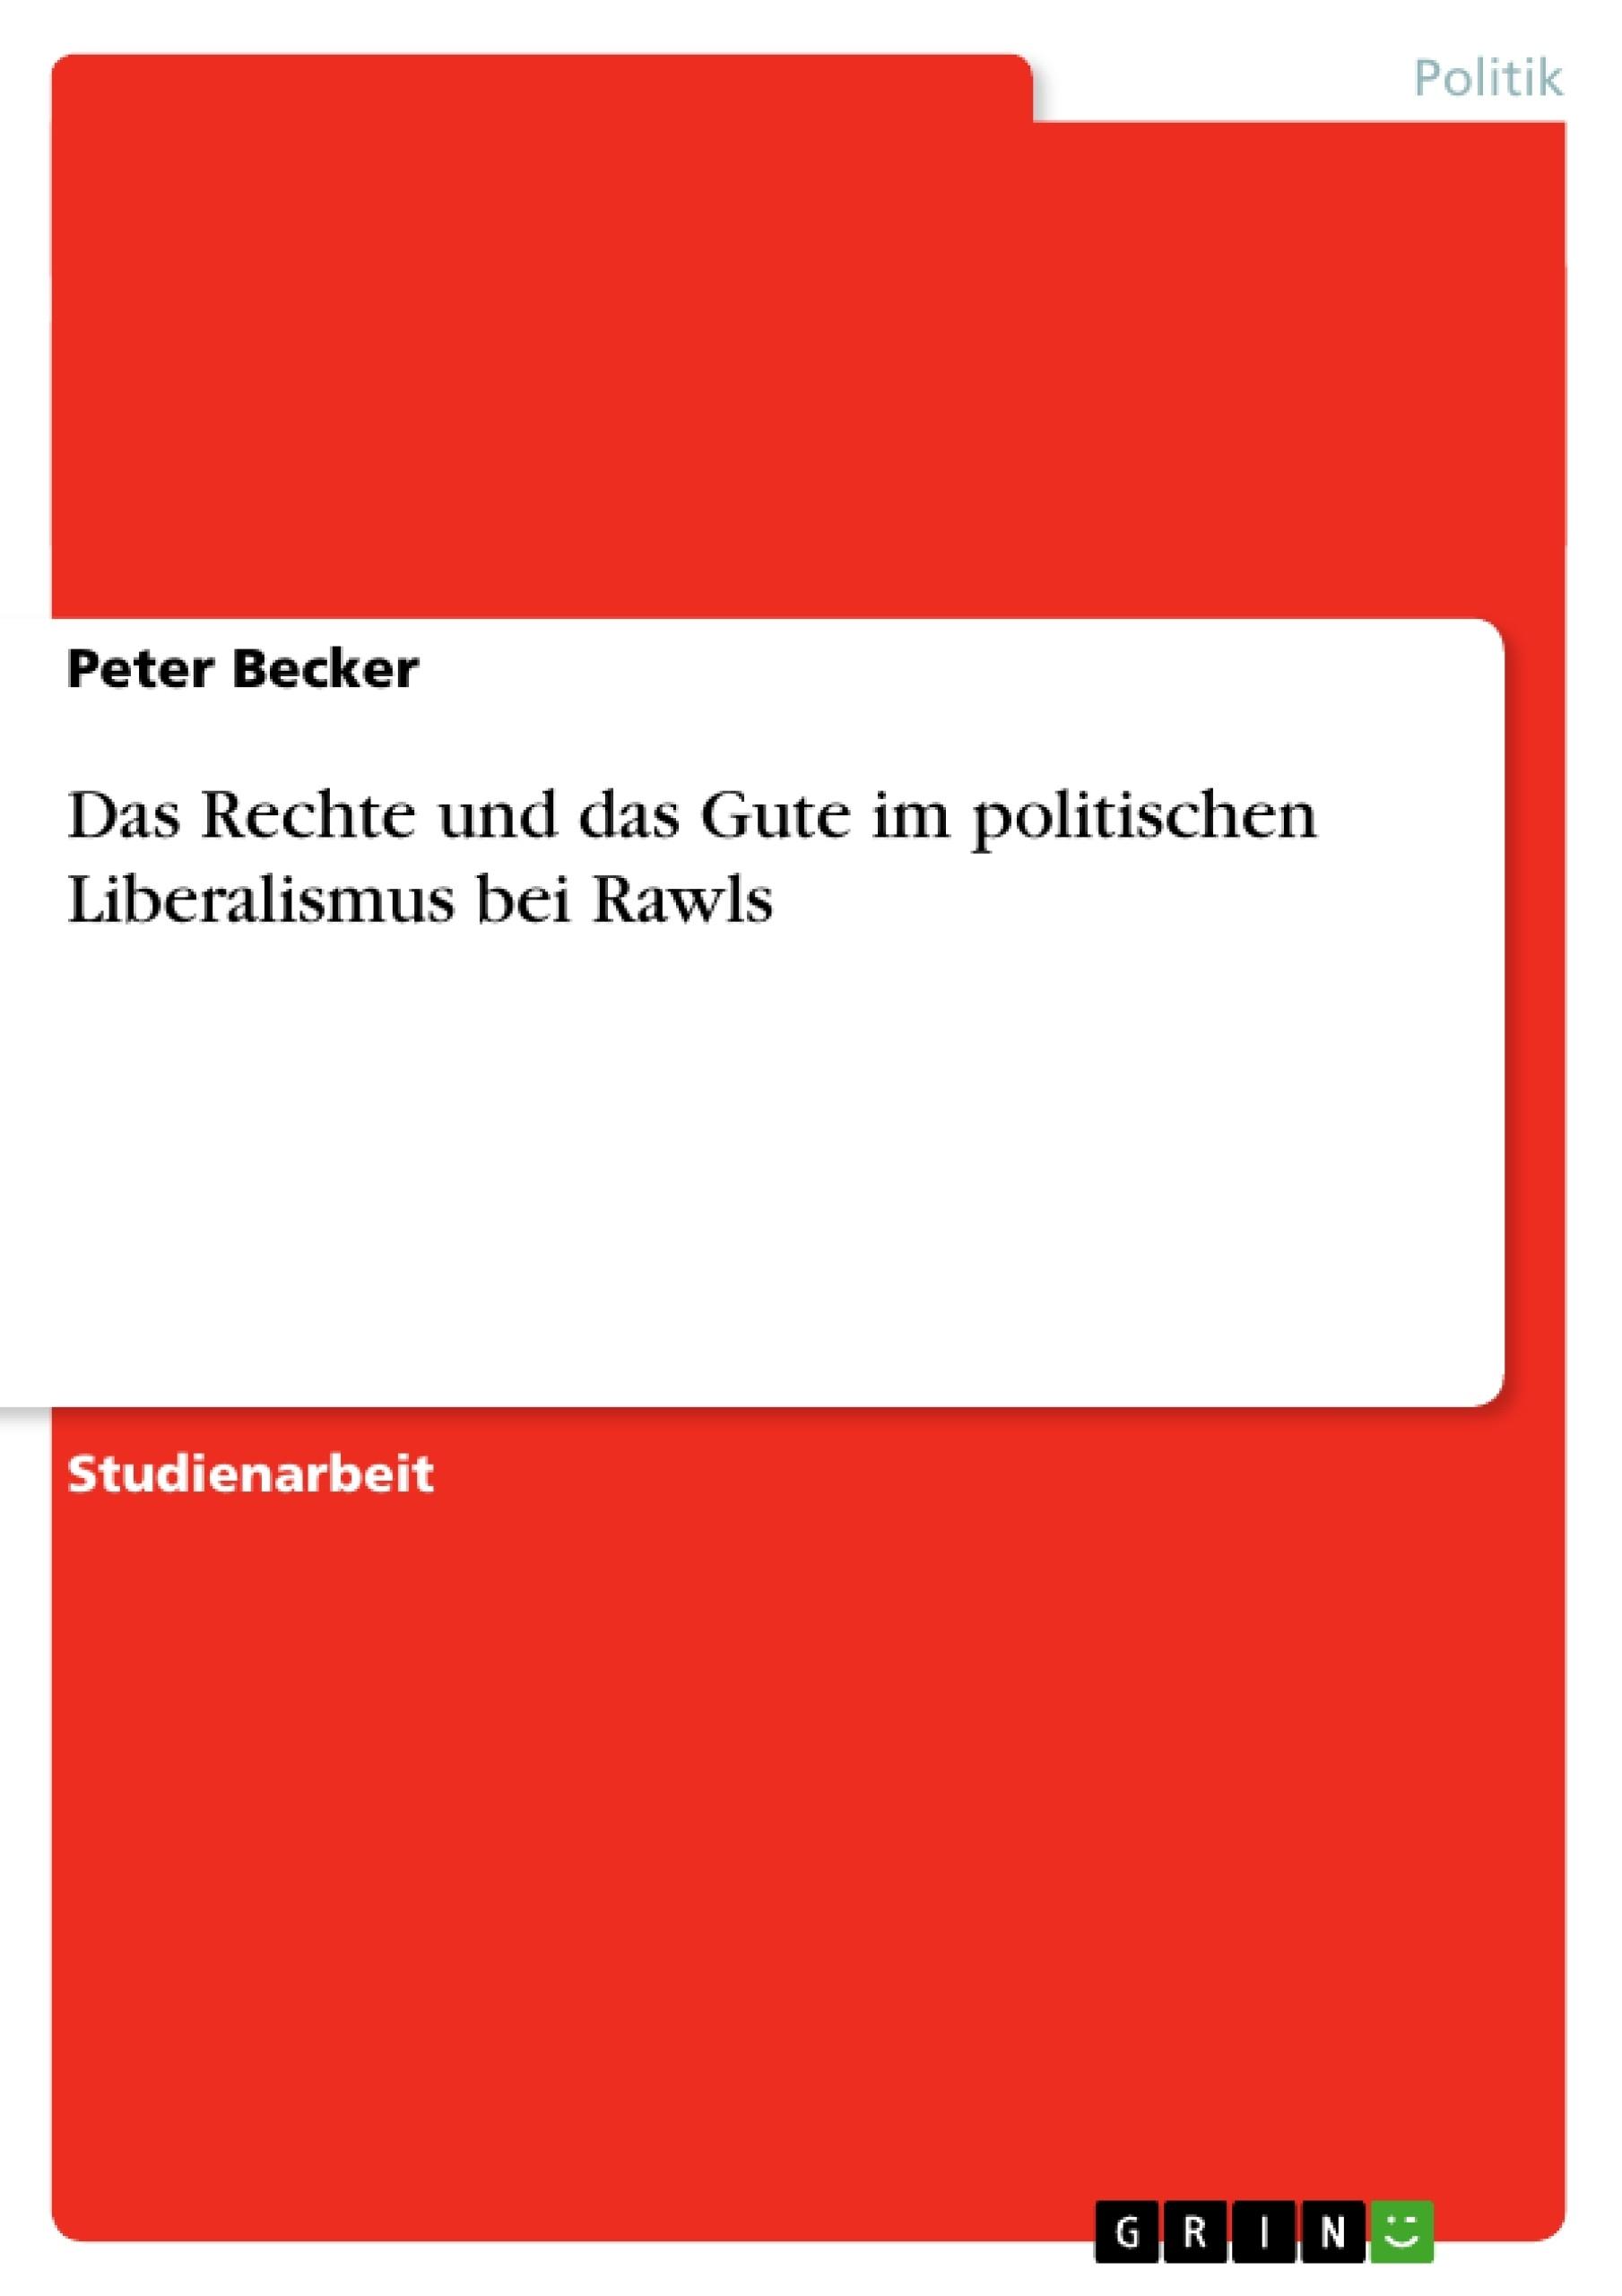 Titel: Das Rechte und das Gute im politischen Liberalismus bei Rawls